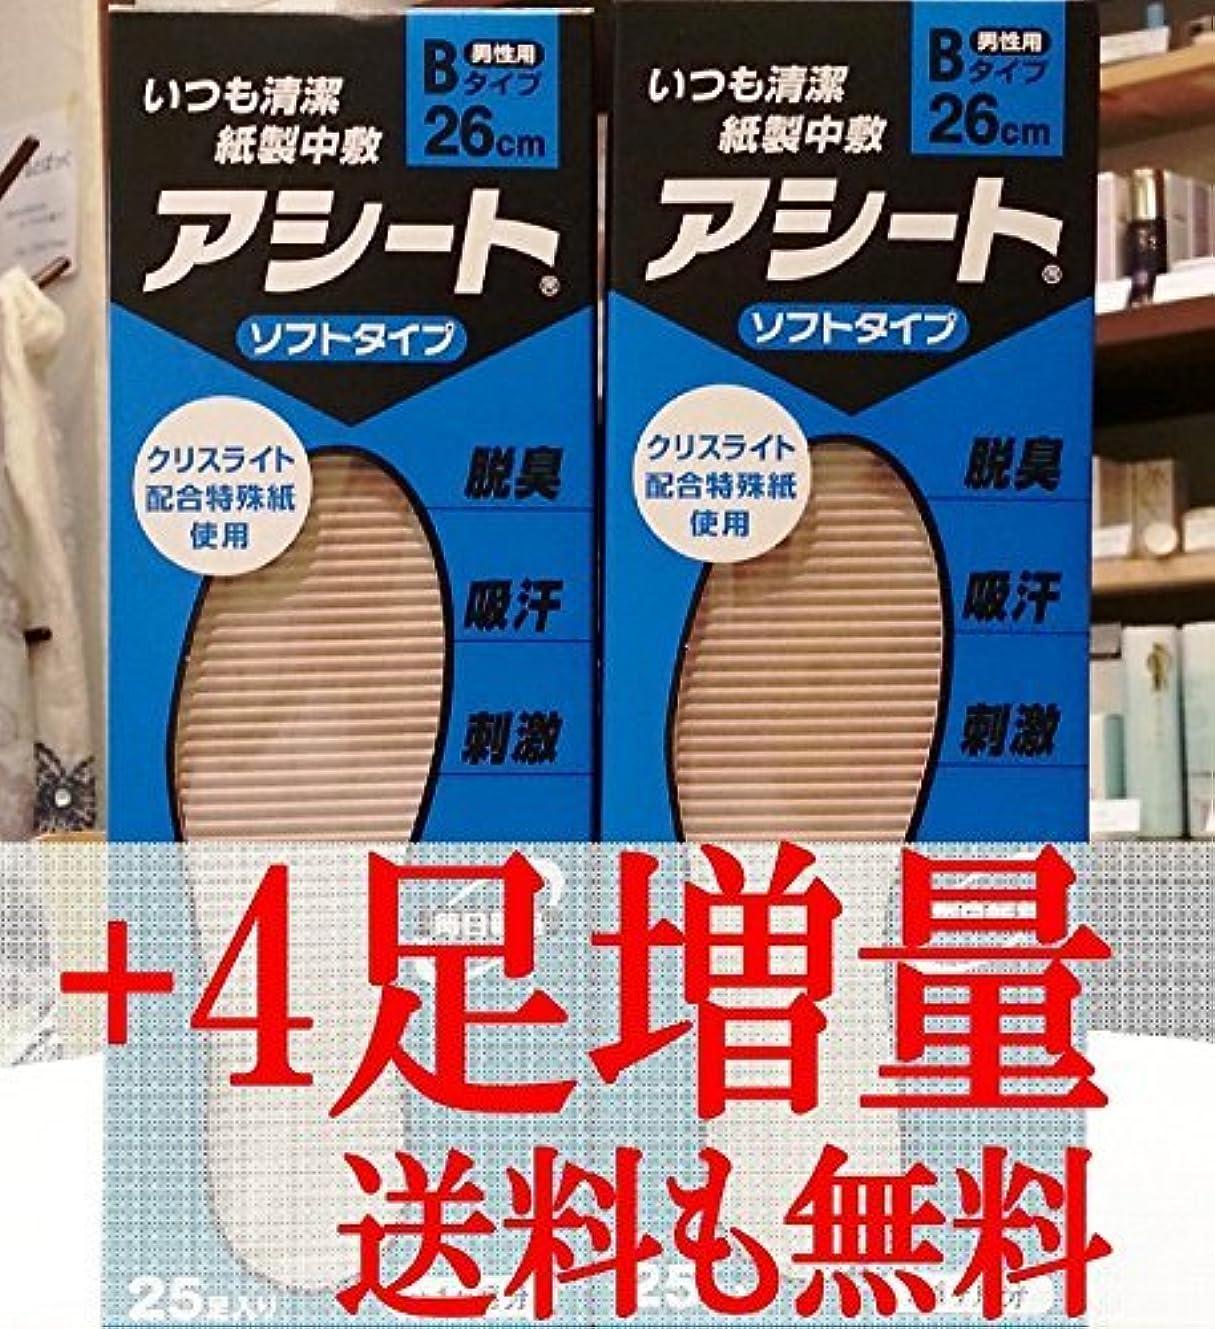 罰変化平行アシートB 25足入2箱セット+4足増量中(23cm)